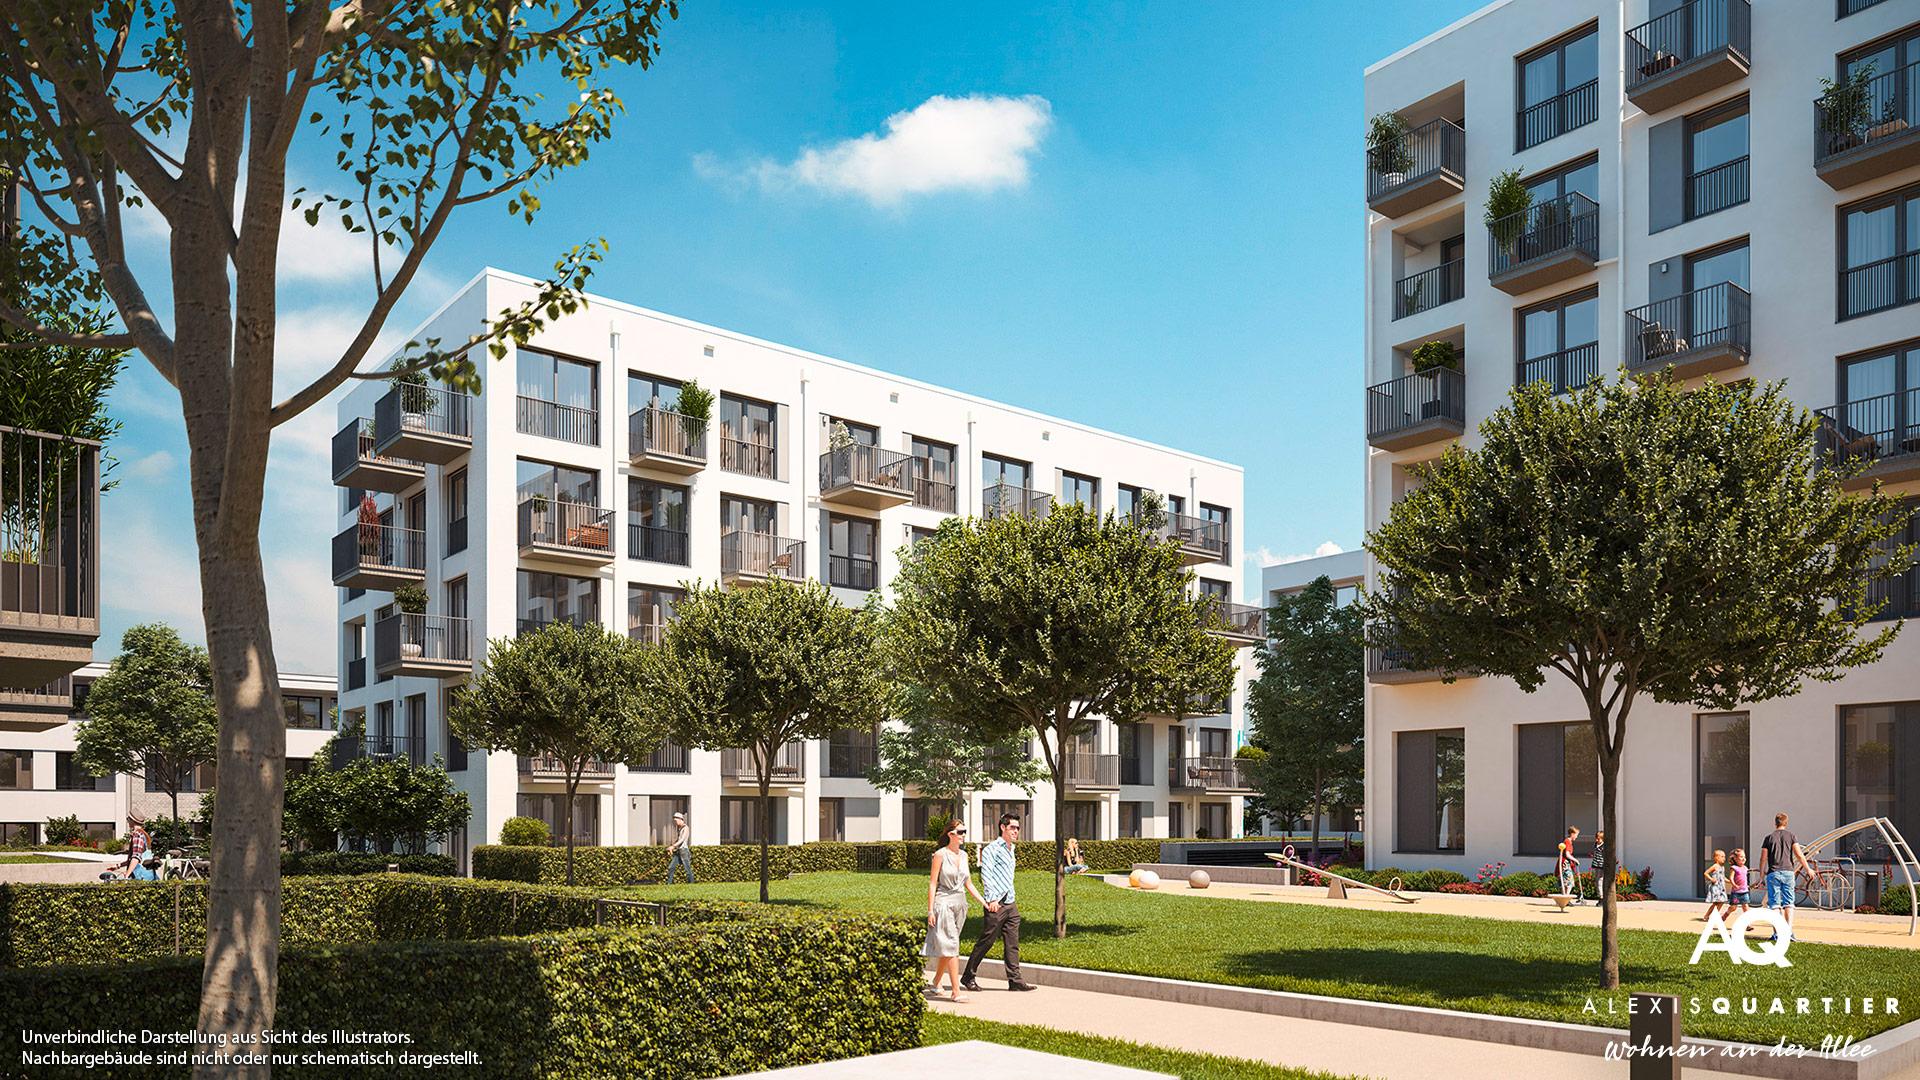 Immobilie Alexisquartier - Wohnen an der Allee - Illustration 1